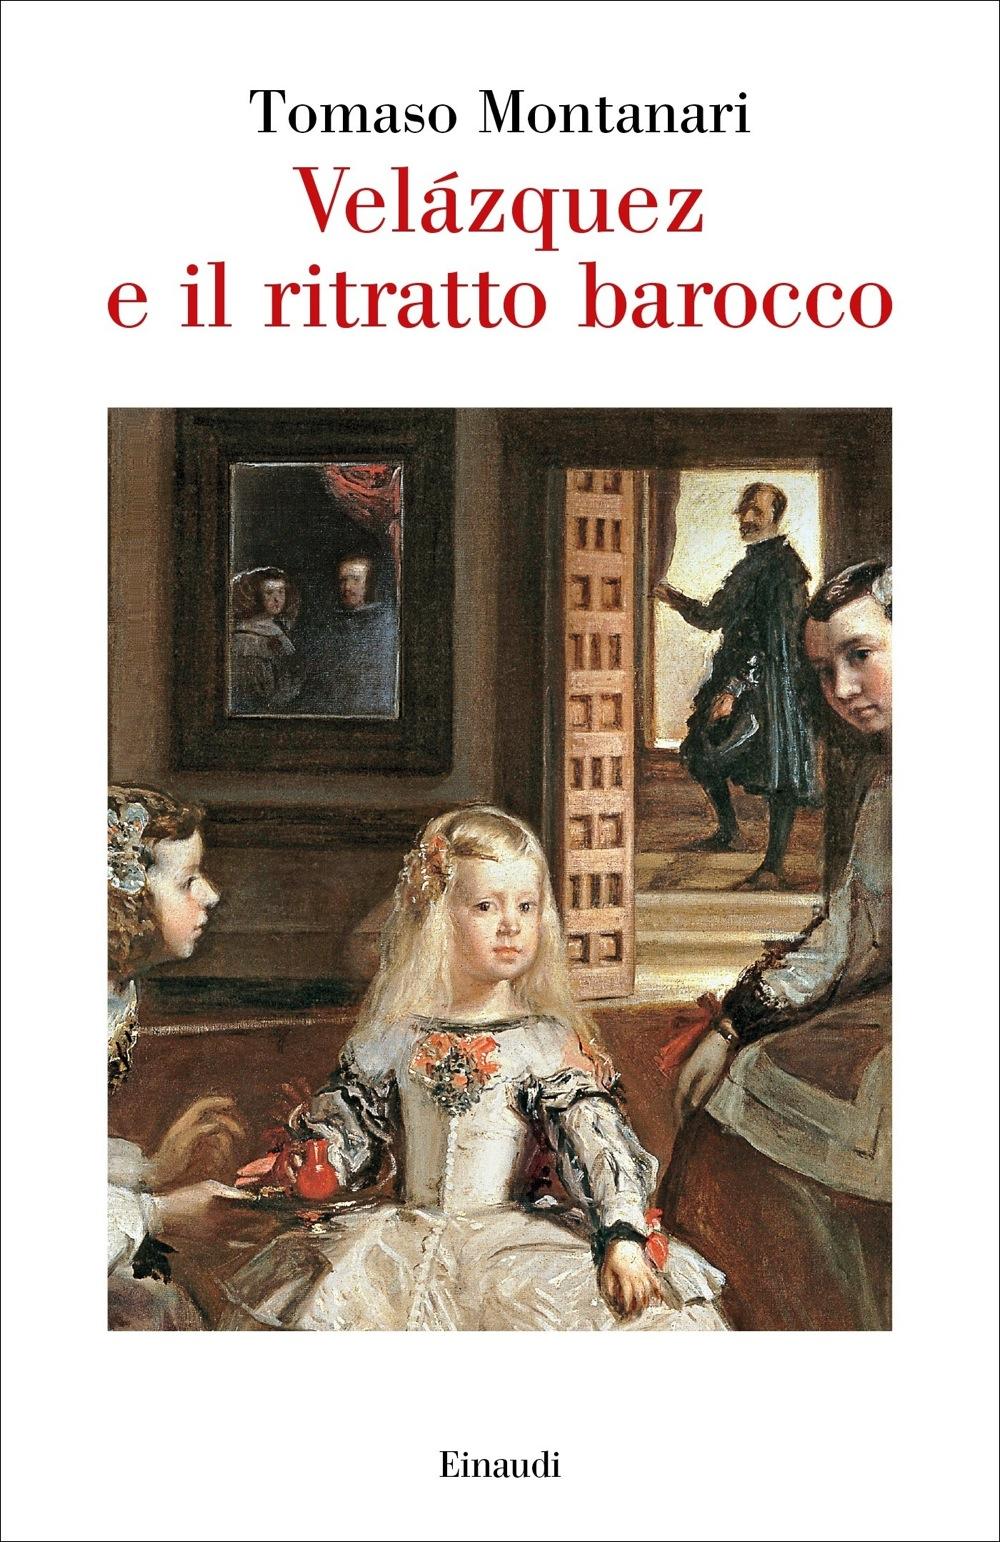 montanari il barocco  Velázquez e il ritratto barocco, Tomaso Montanari. Giulio Einaudi ...